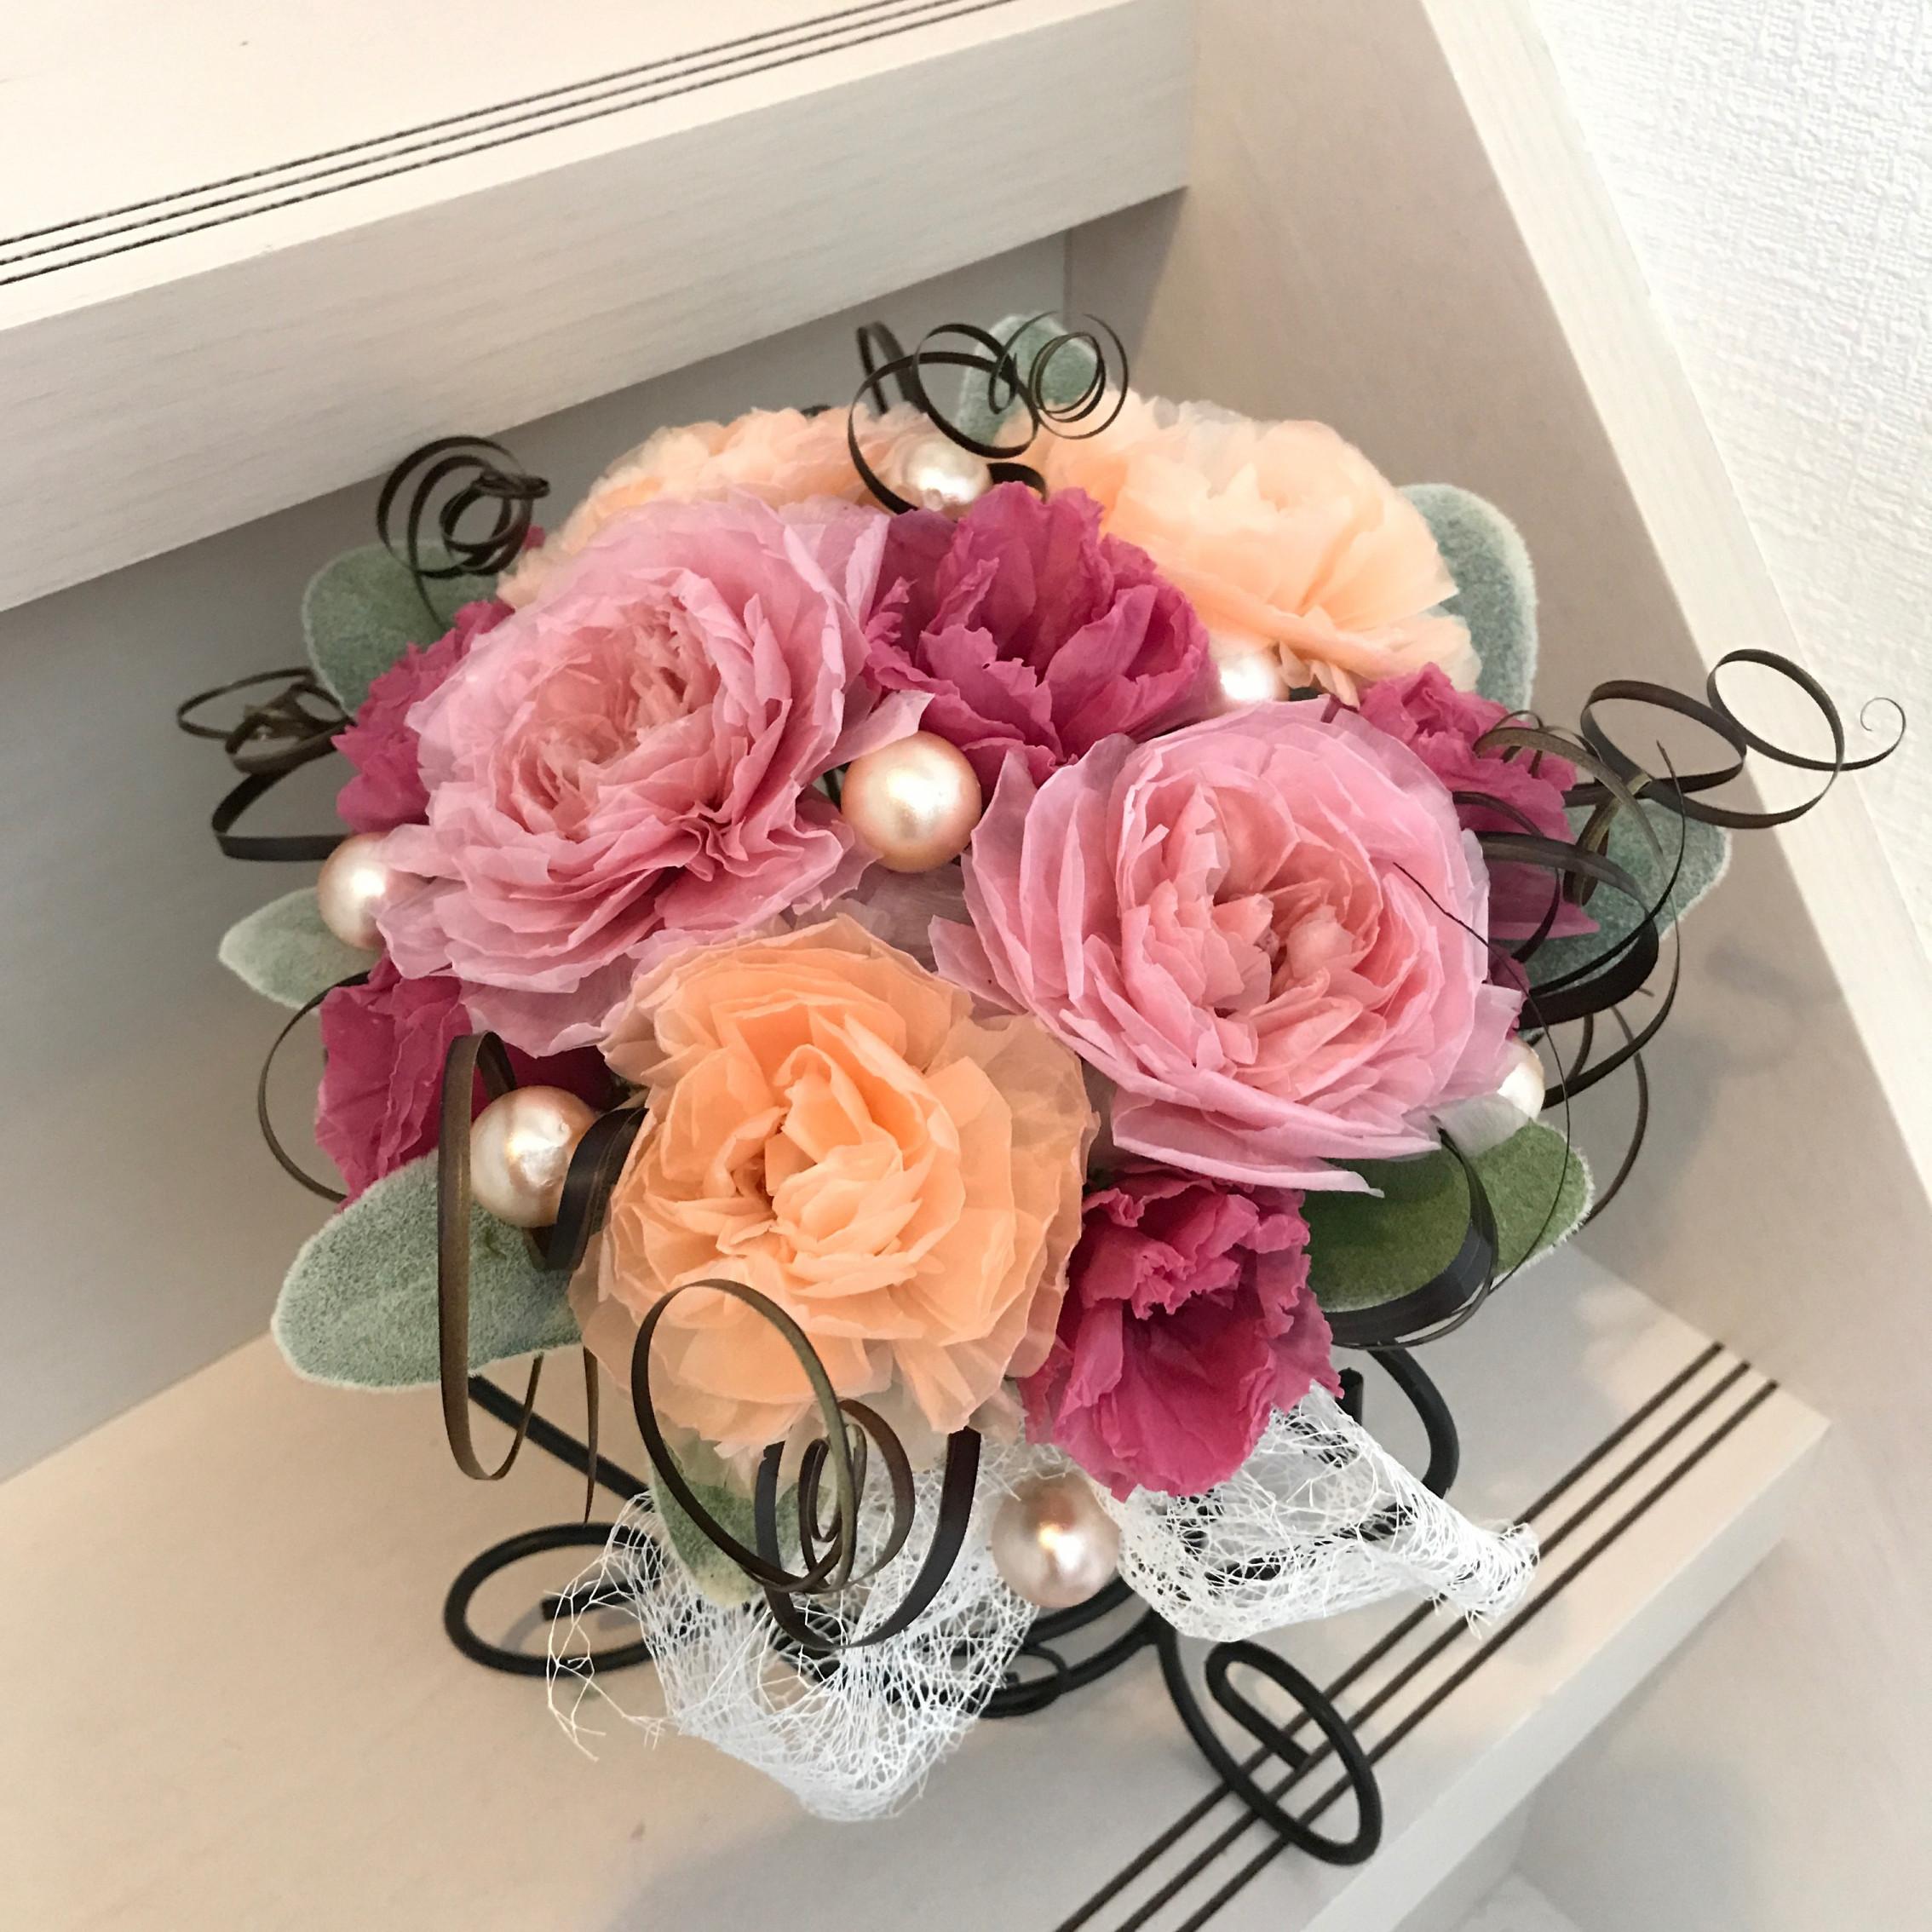 生花とはまた違う!美しい色彩のプリザーブドフラワーの魅力とは